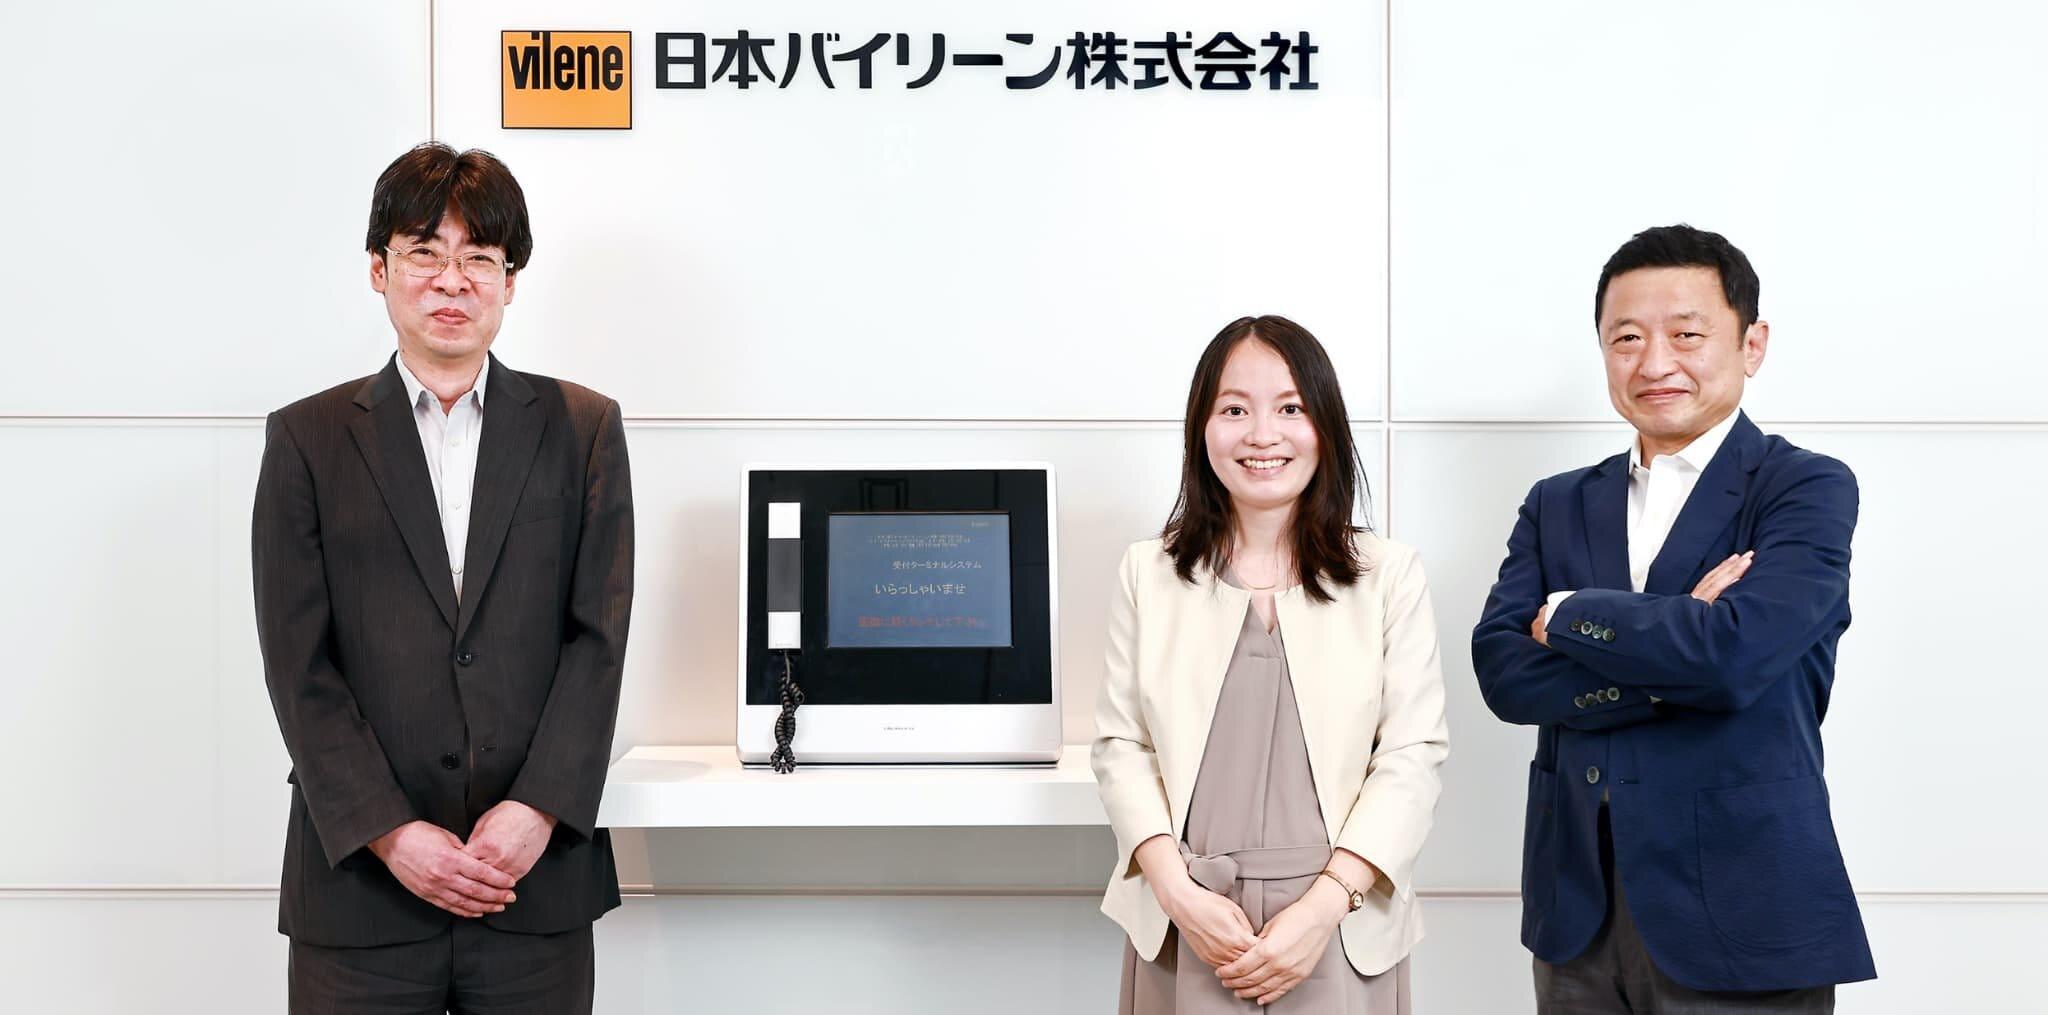 日本バイリーン株式会社 様 導入事例